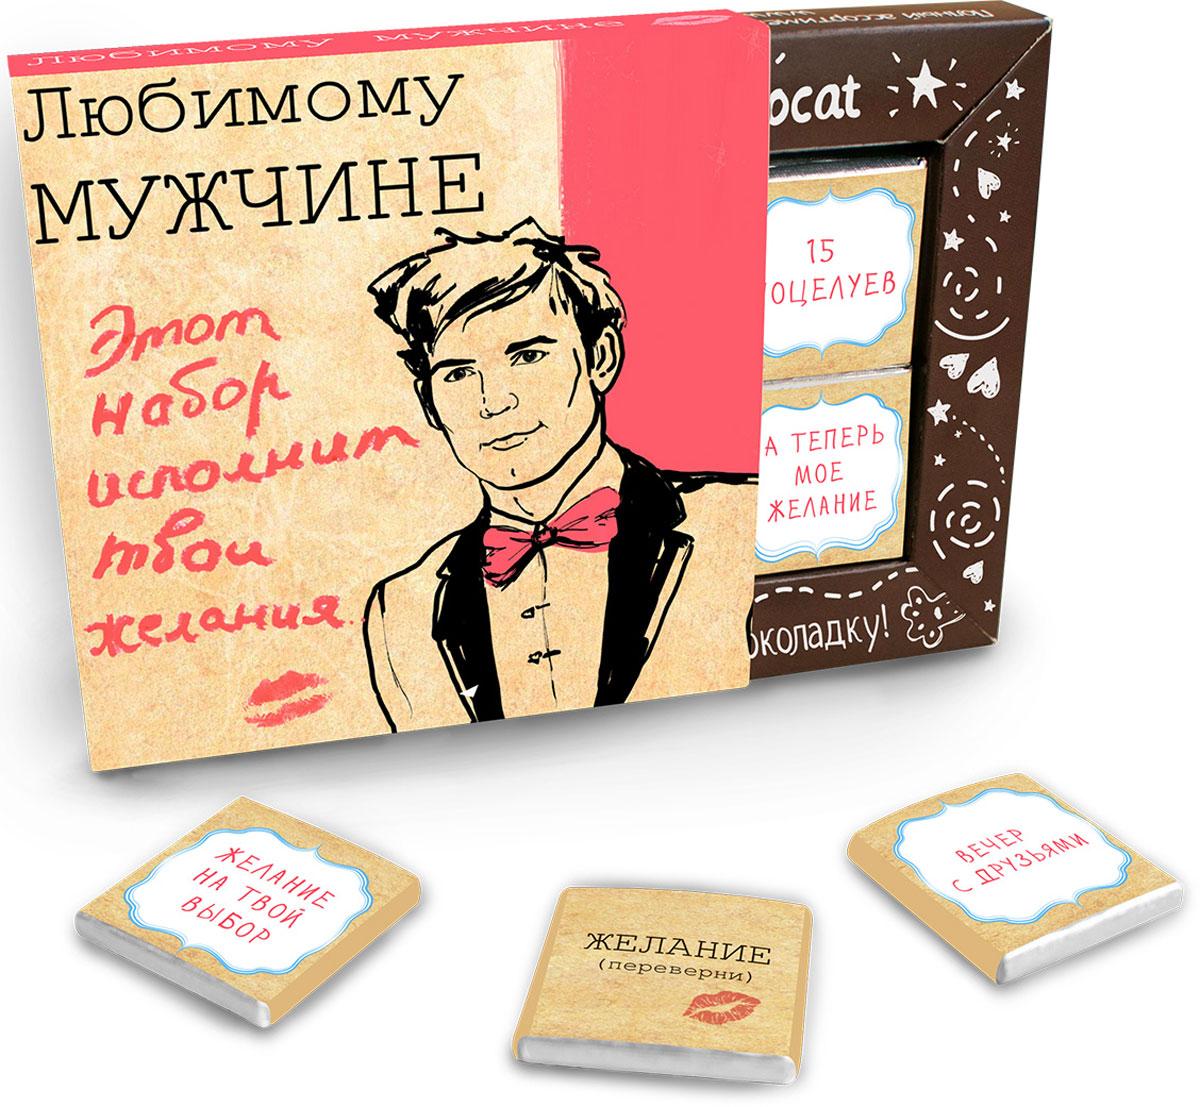 Chokocat Любимому Мужчине молочный шоколад, 60 гСТ052Шоколадный набор Любимому мужчине - выберите одну из 12 шоколадок, предъявите дарителю и наслаждайтесь исполнением желания! Набор из 12 молочных шоколадок высшего сорта, каждая из которых завернута в оригинальную этикетку с иллюстрацией и надписью - станет прекрасным дополнением к подарку или же самостоятельным подарком.